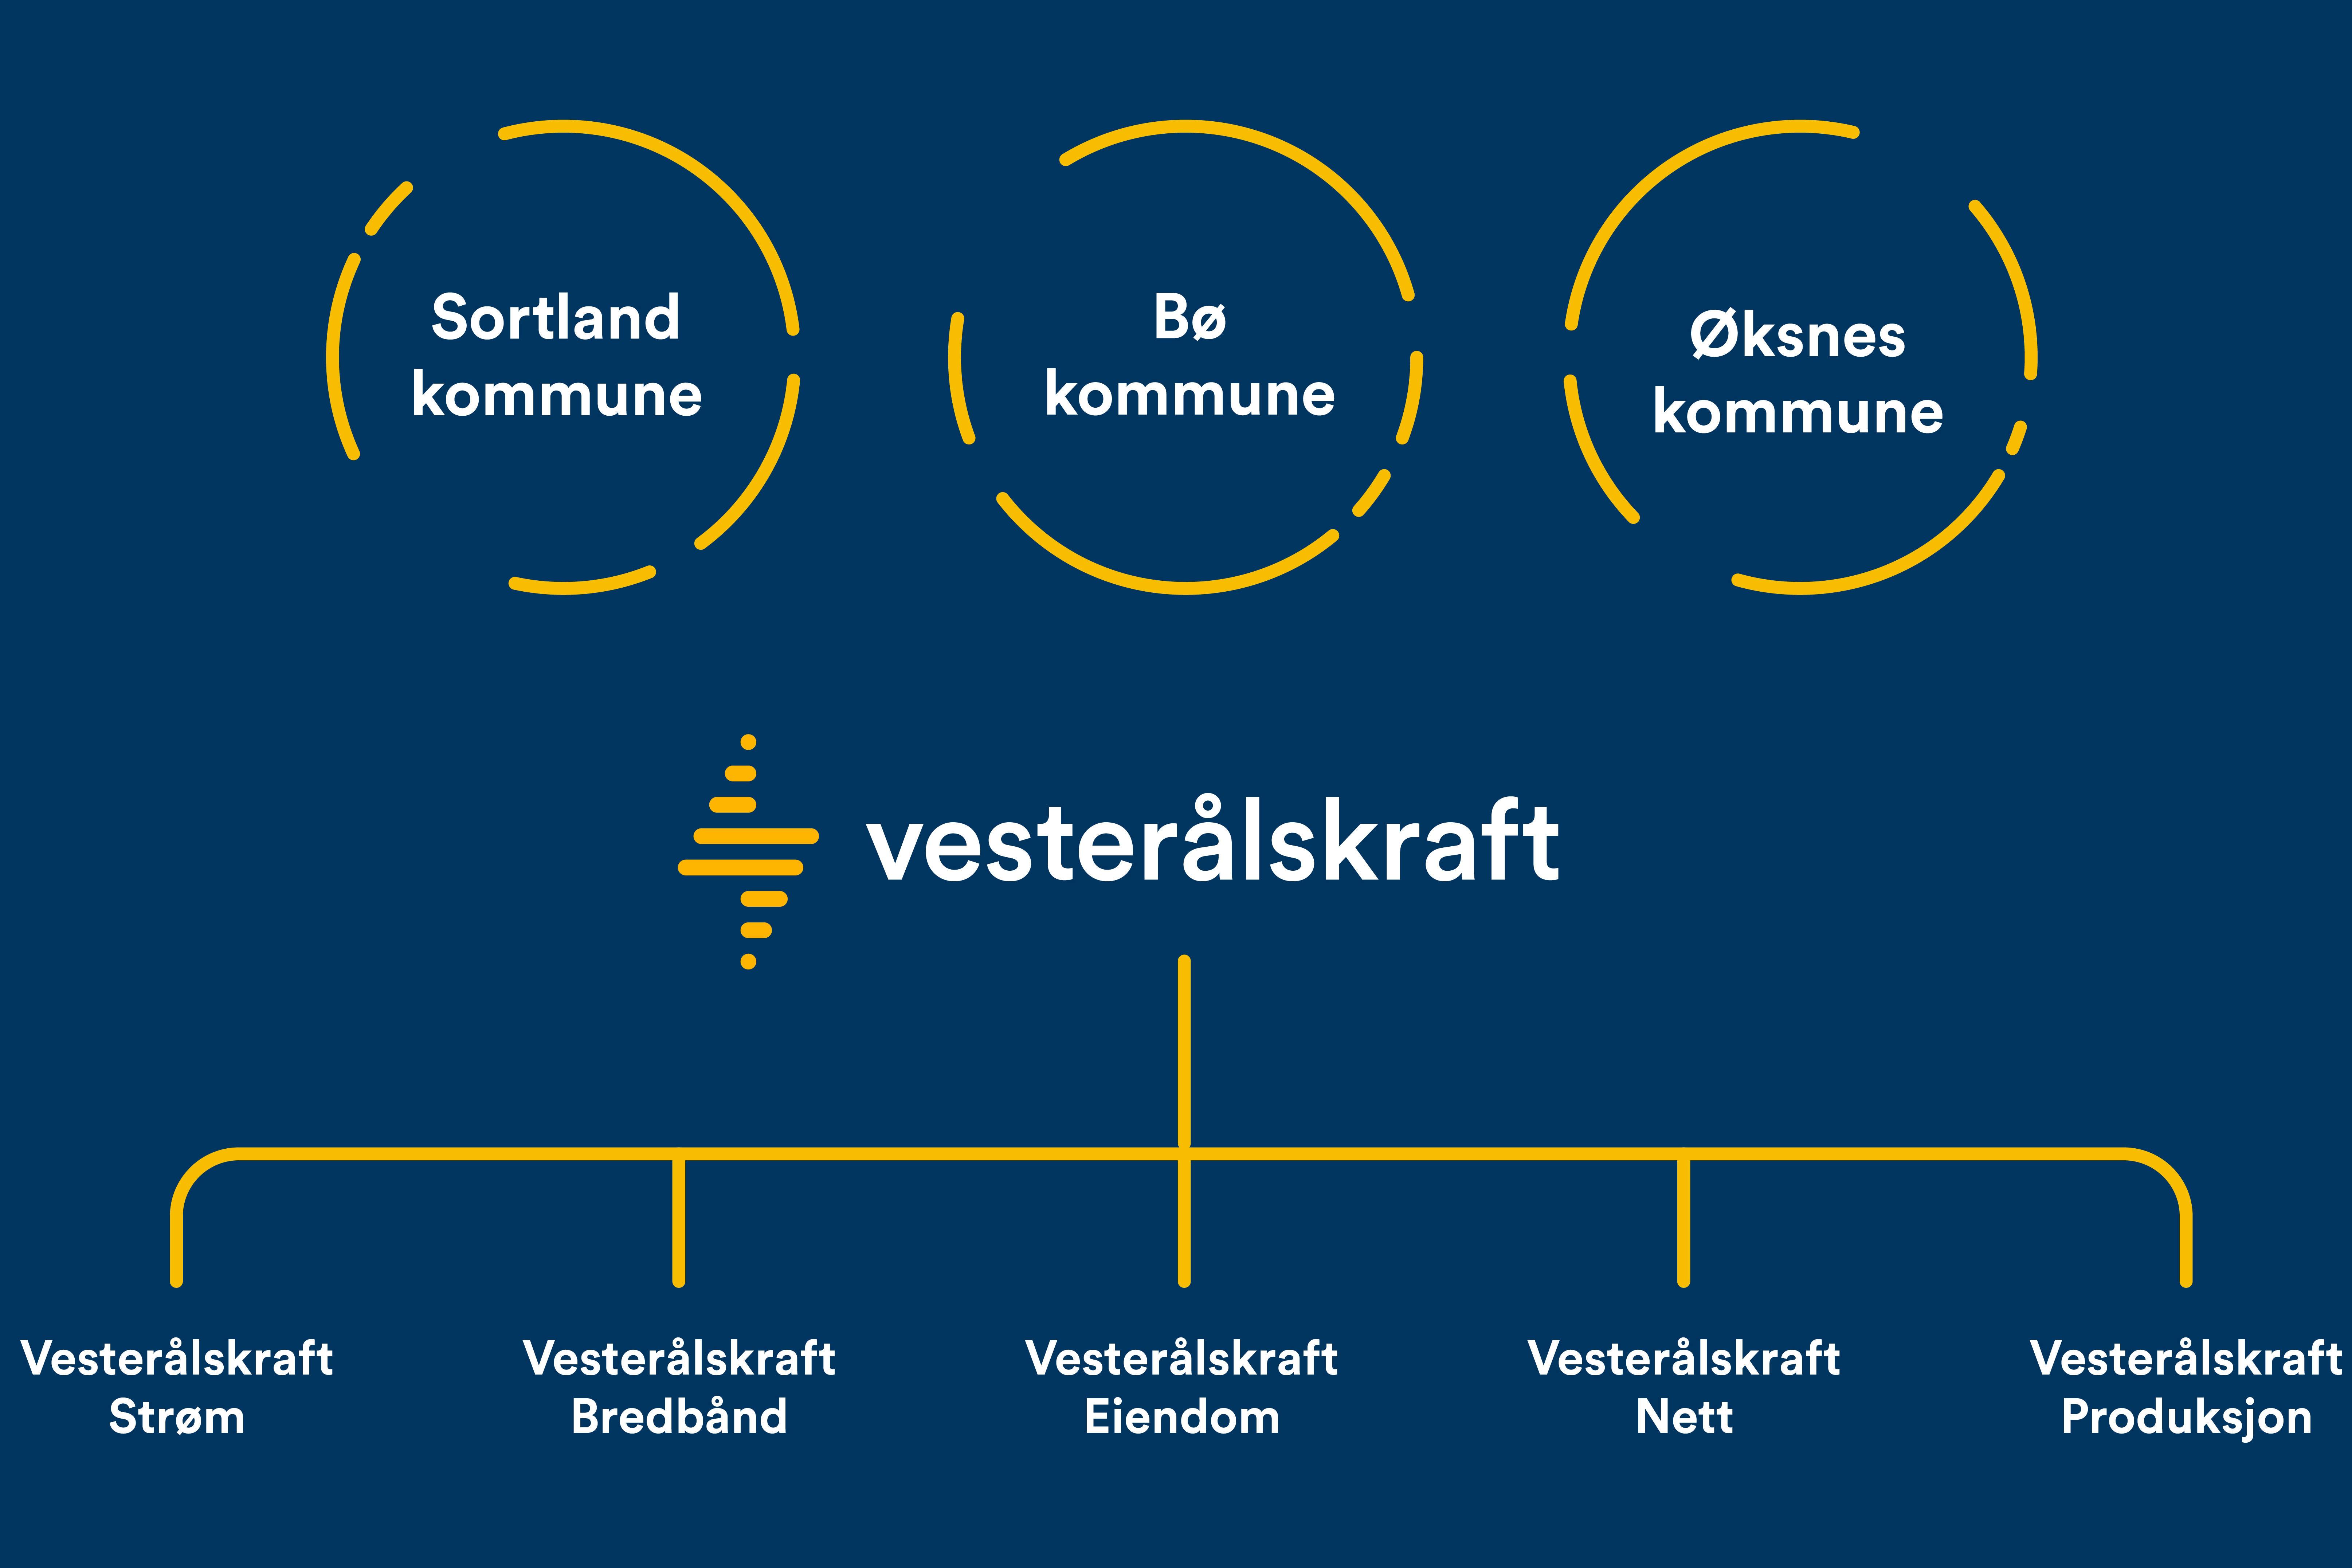 Eierstrukturen i konsernet Vesterålskraft AS. Det er kun datterselskapet Vesterålskraft Strøm AS som kjøpes av Fjordkraft.